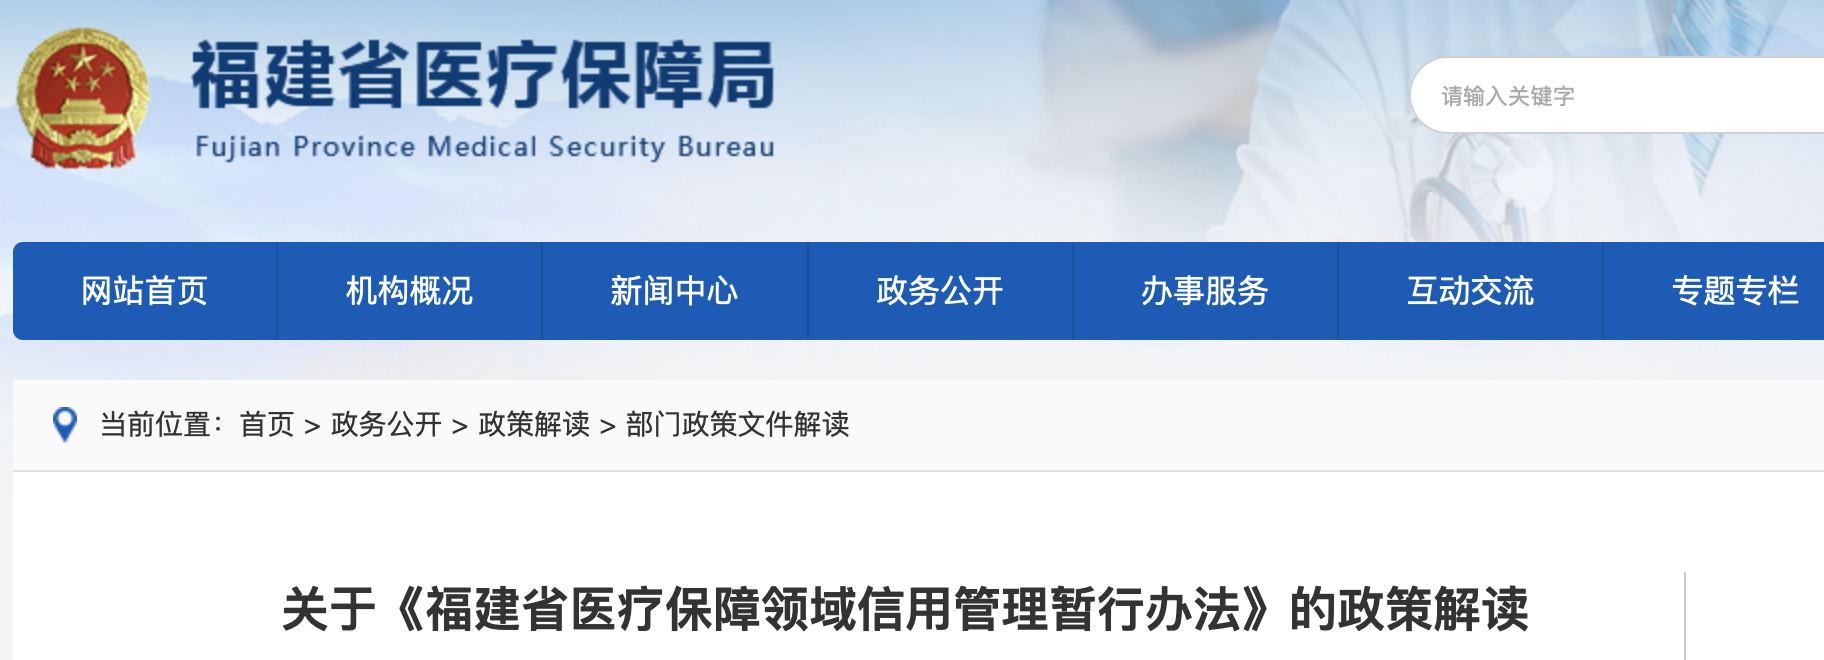 《福建省医疗保障领域信用管理暂行办法》发布(附解读)